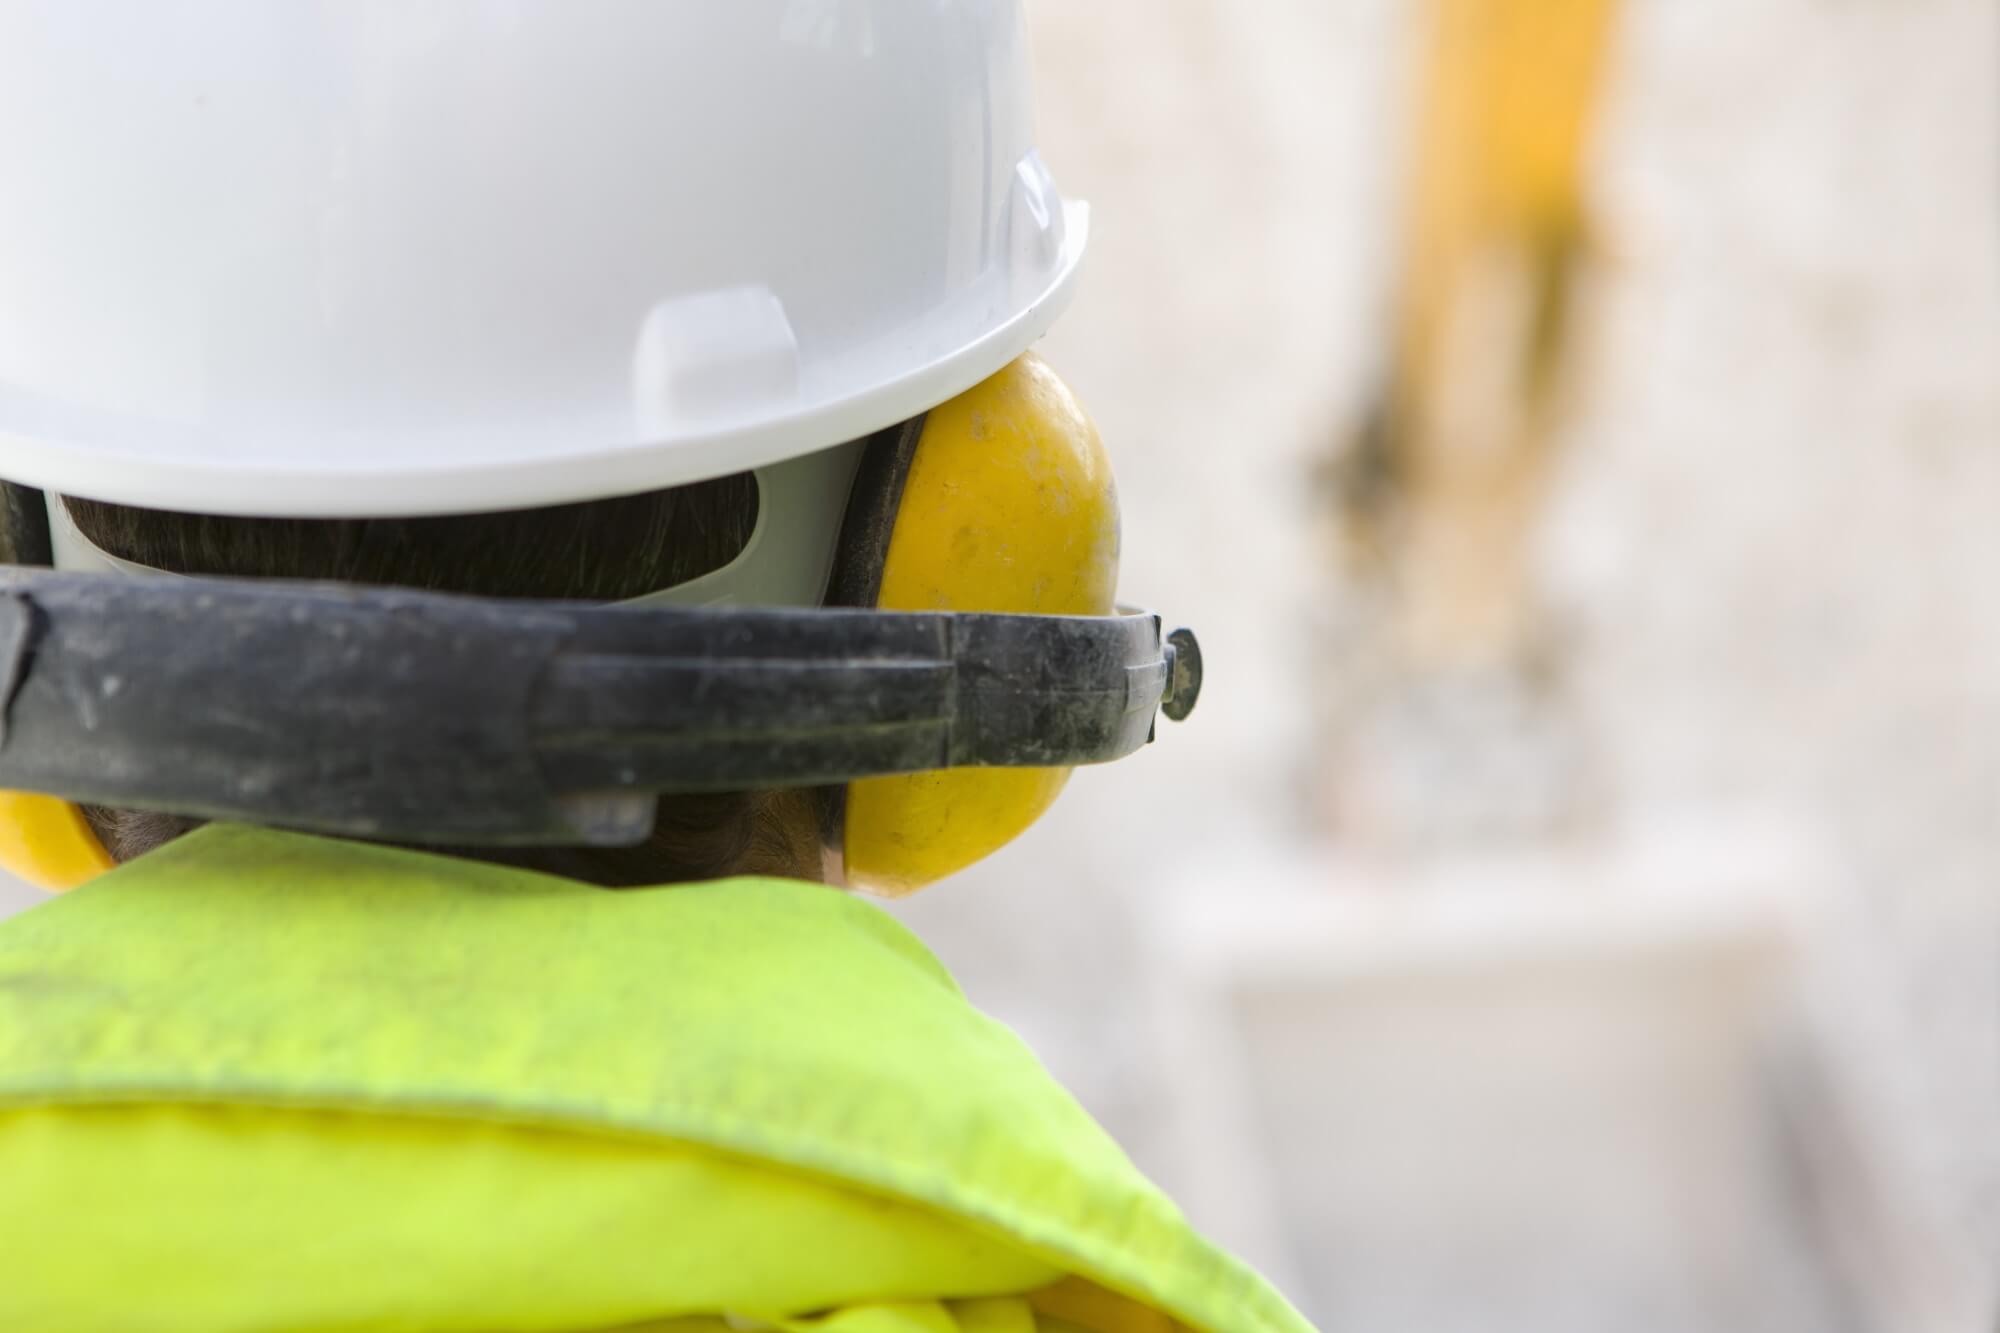 Schallschutz: Nachweis der Schalldämmung nach aktueller DIN 4109